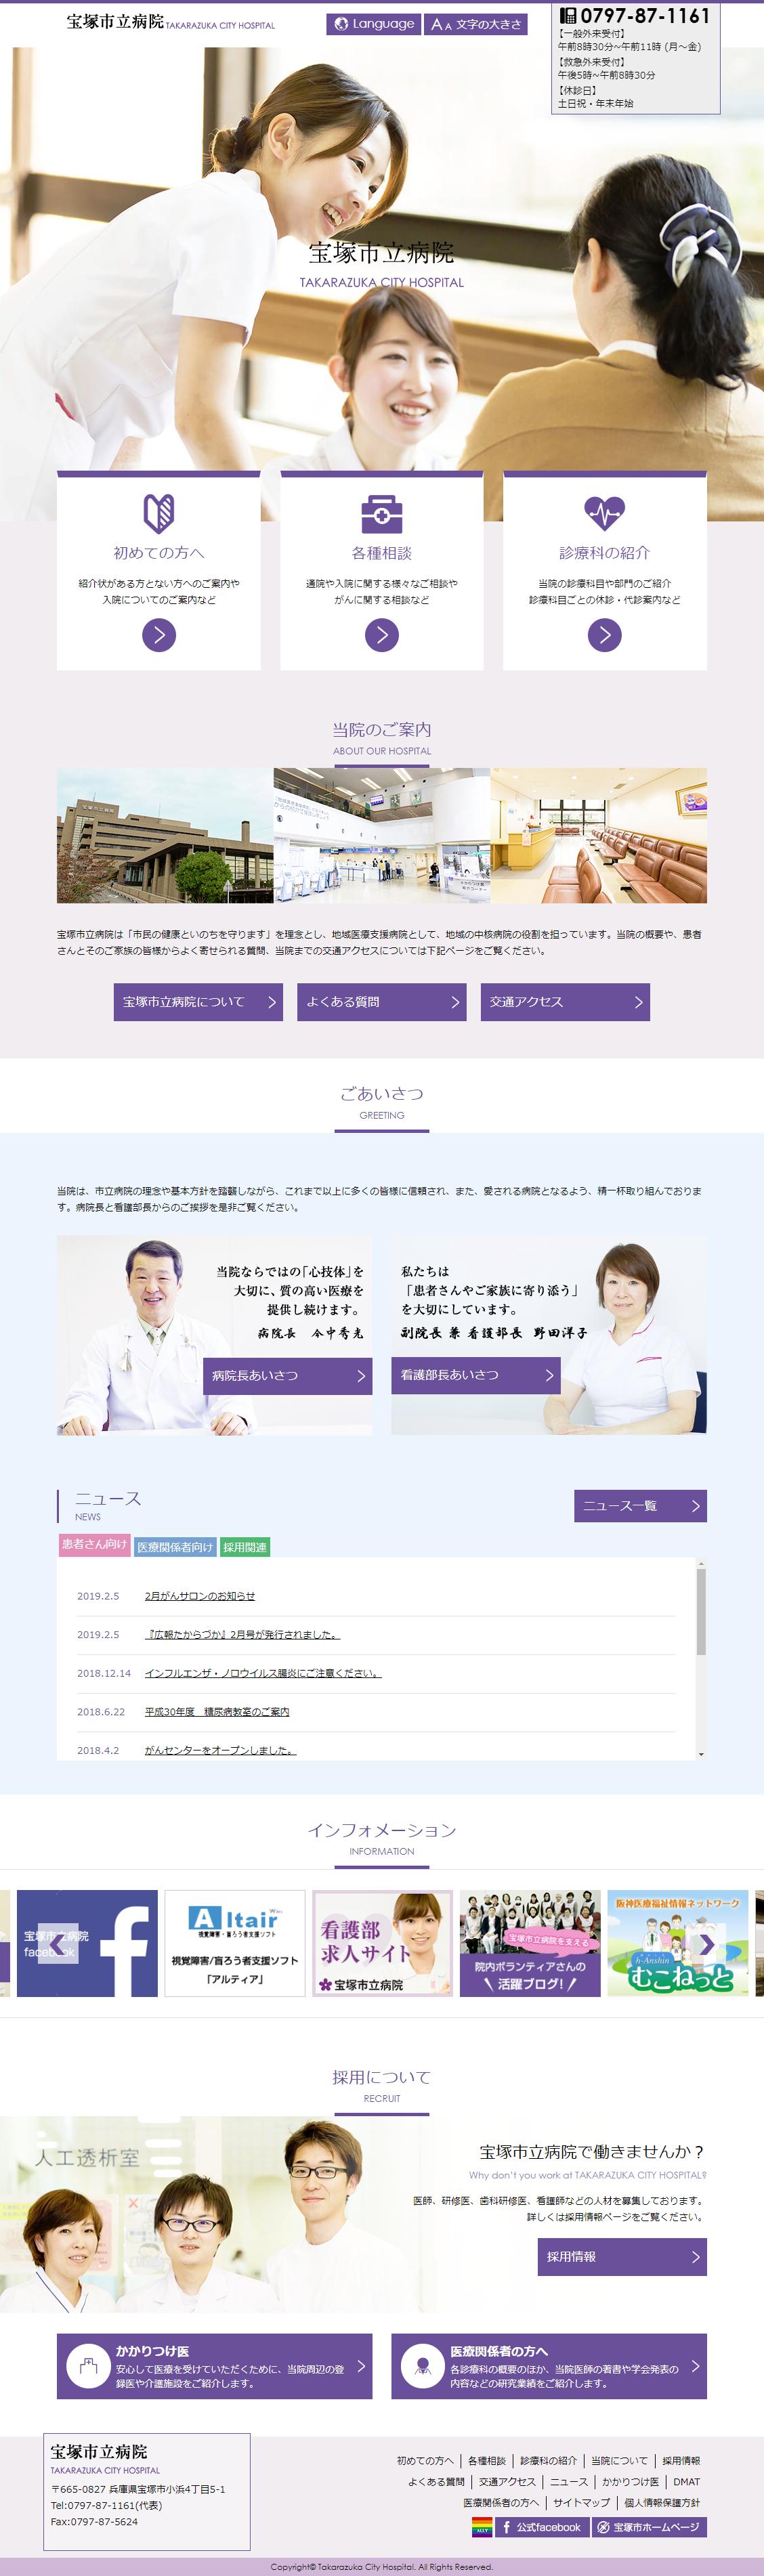 2018年8月作成「宝塚市立病院」病院ホームページ